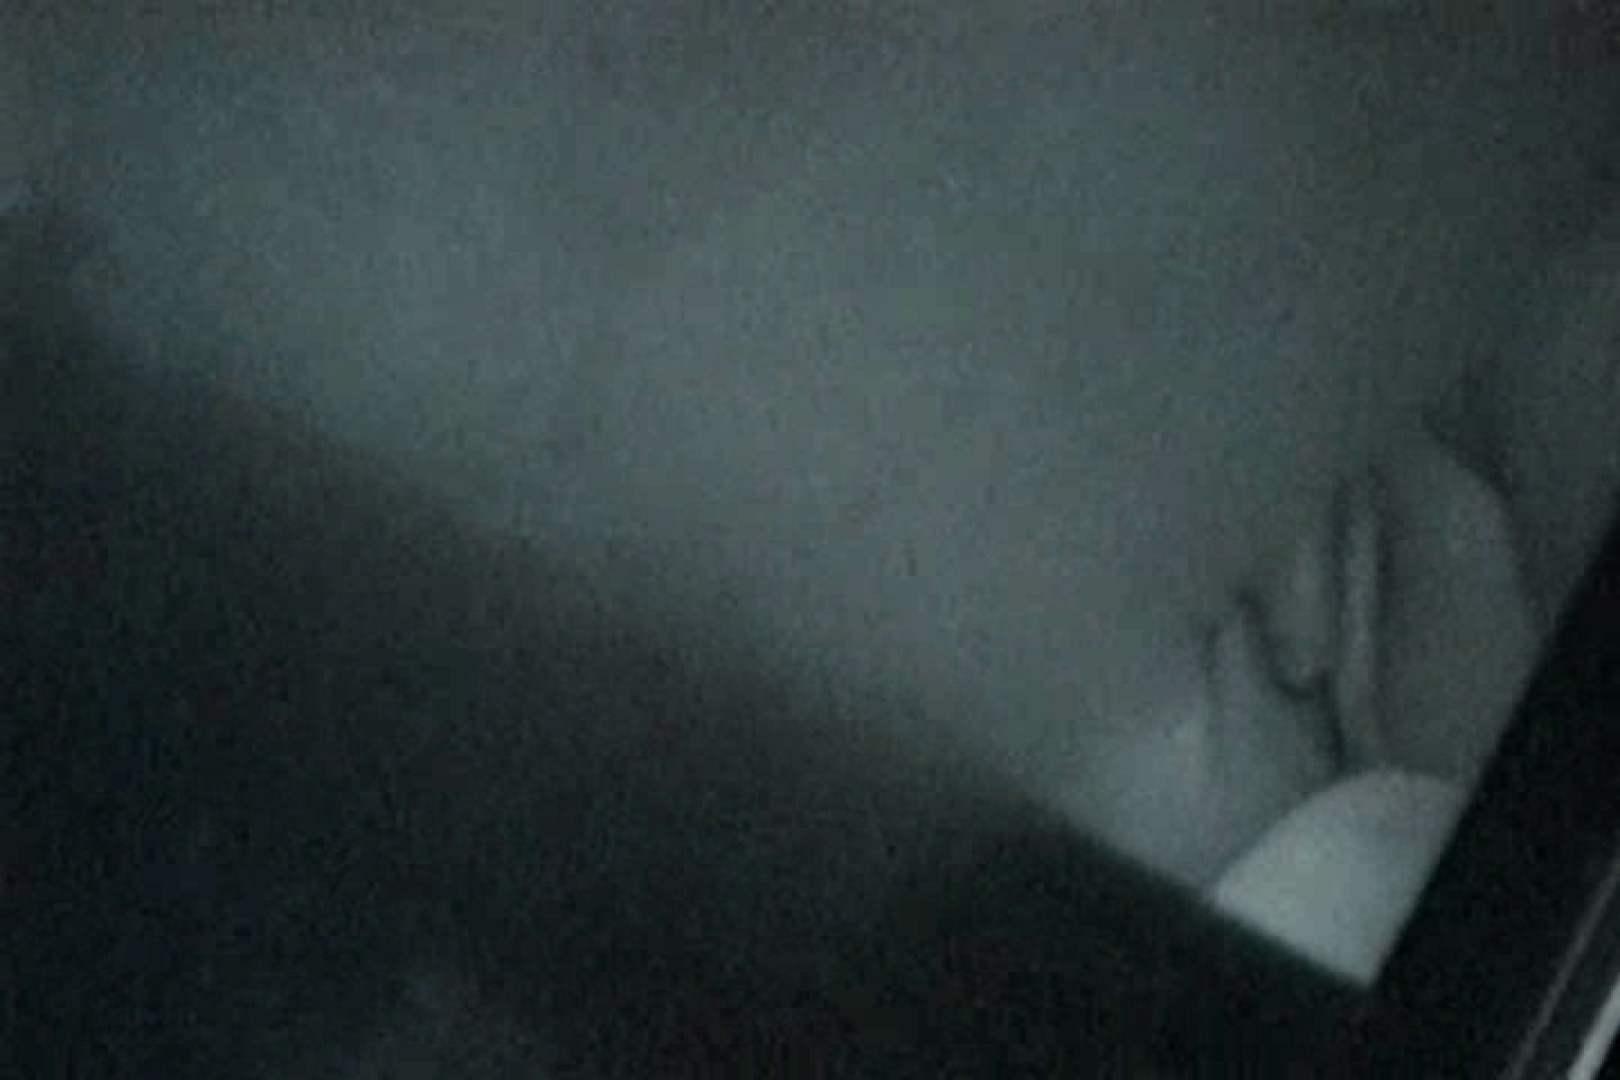 「充血監督」さんの深夜の運動会!! vol.135 カップルのsex エロ画像 89枚 38